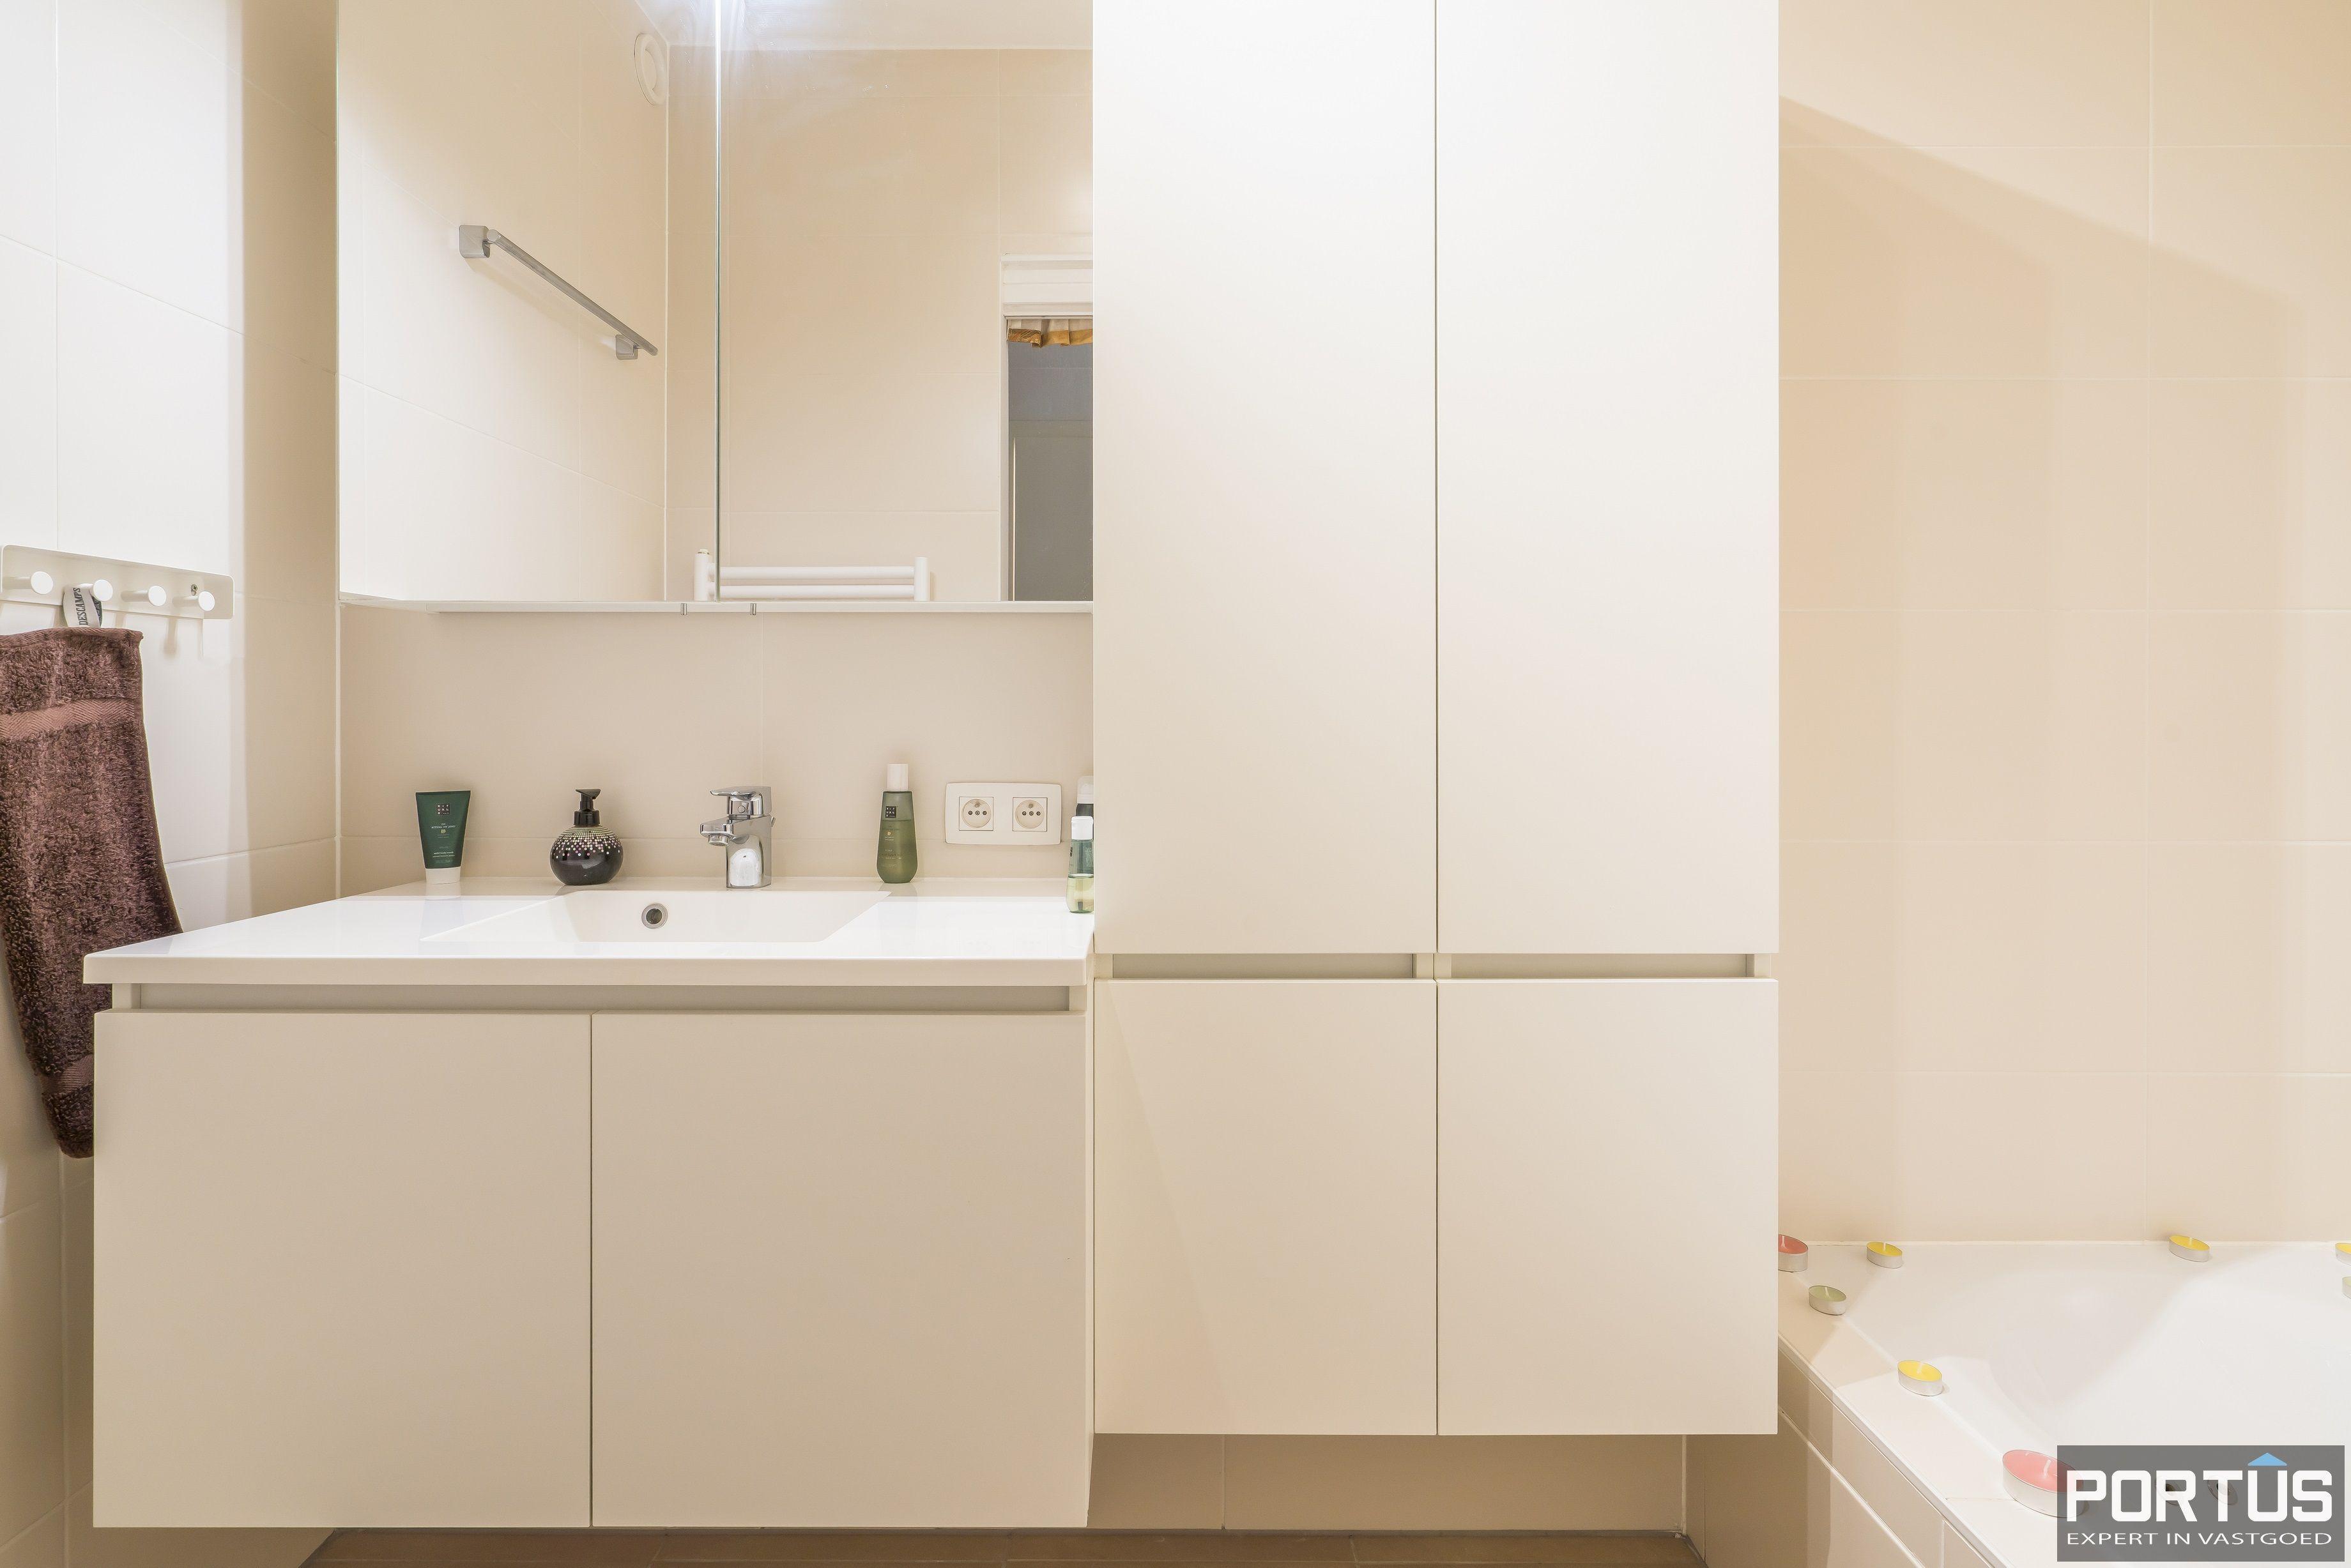 Instapklaar appartement te koop met prachtig zicht op Maritiem park te Nieuwpoort - 13309